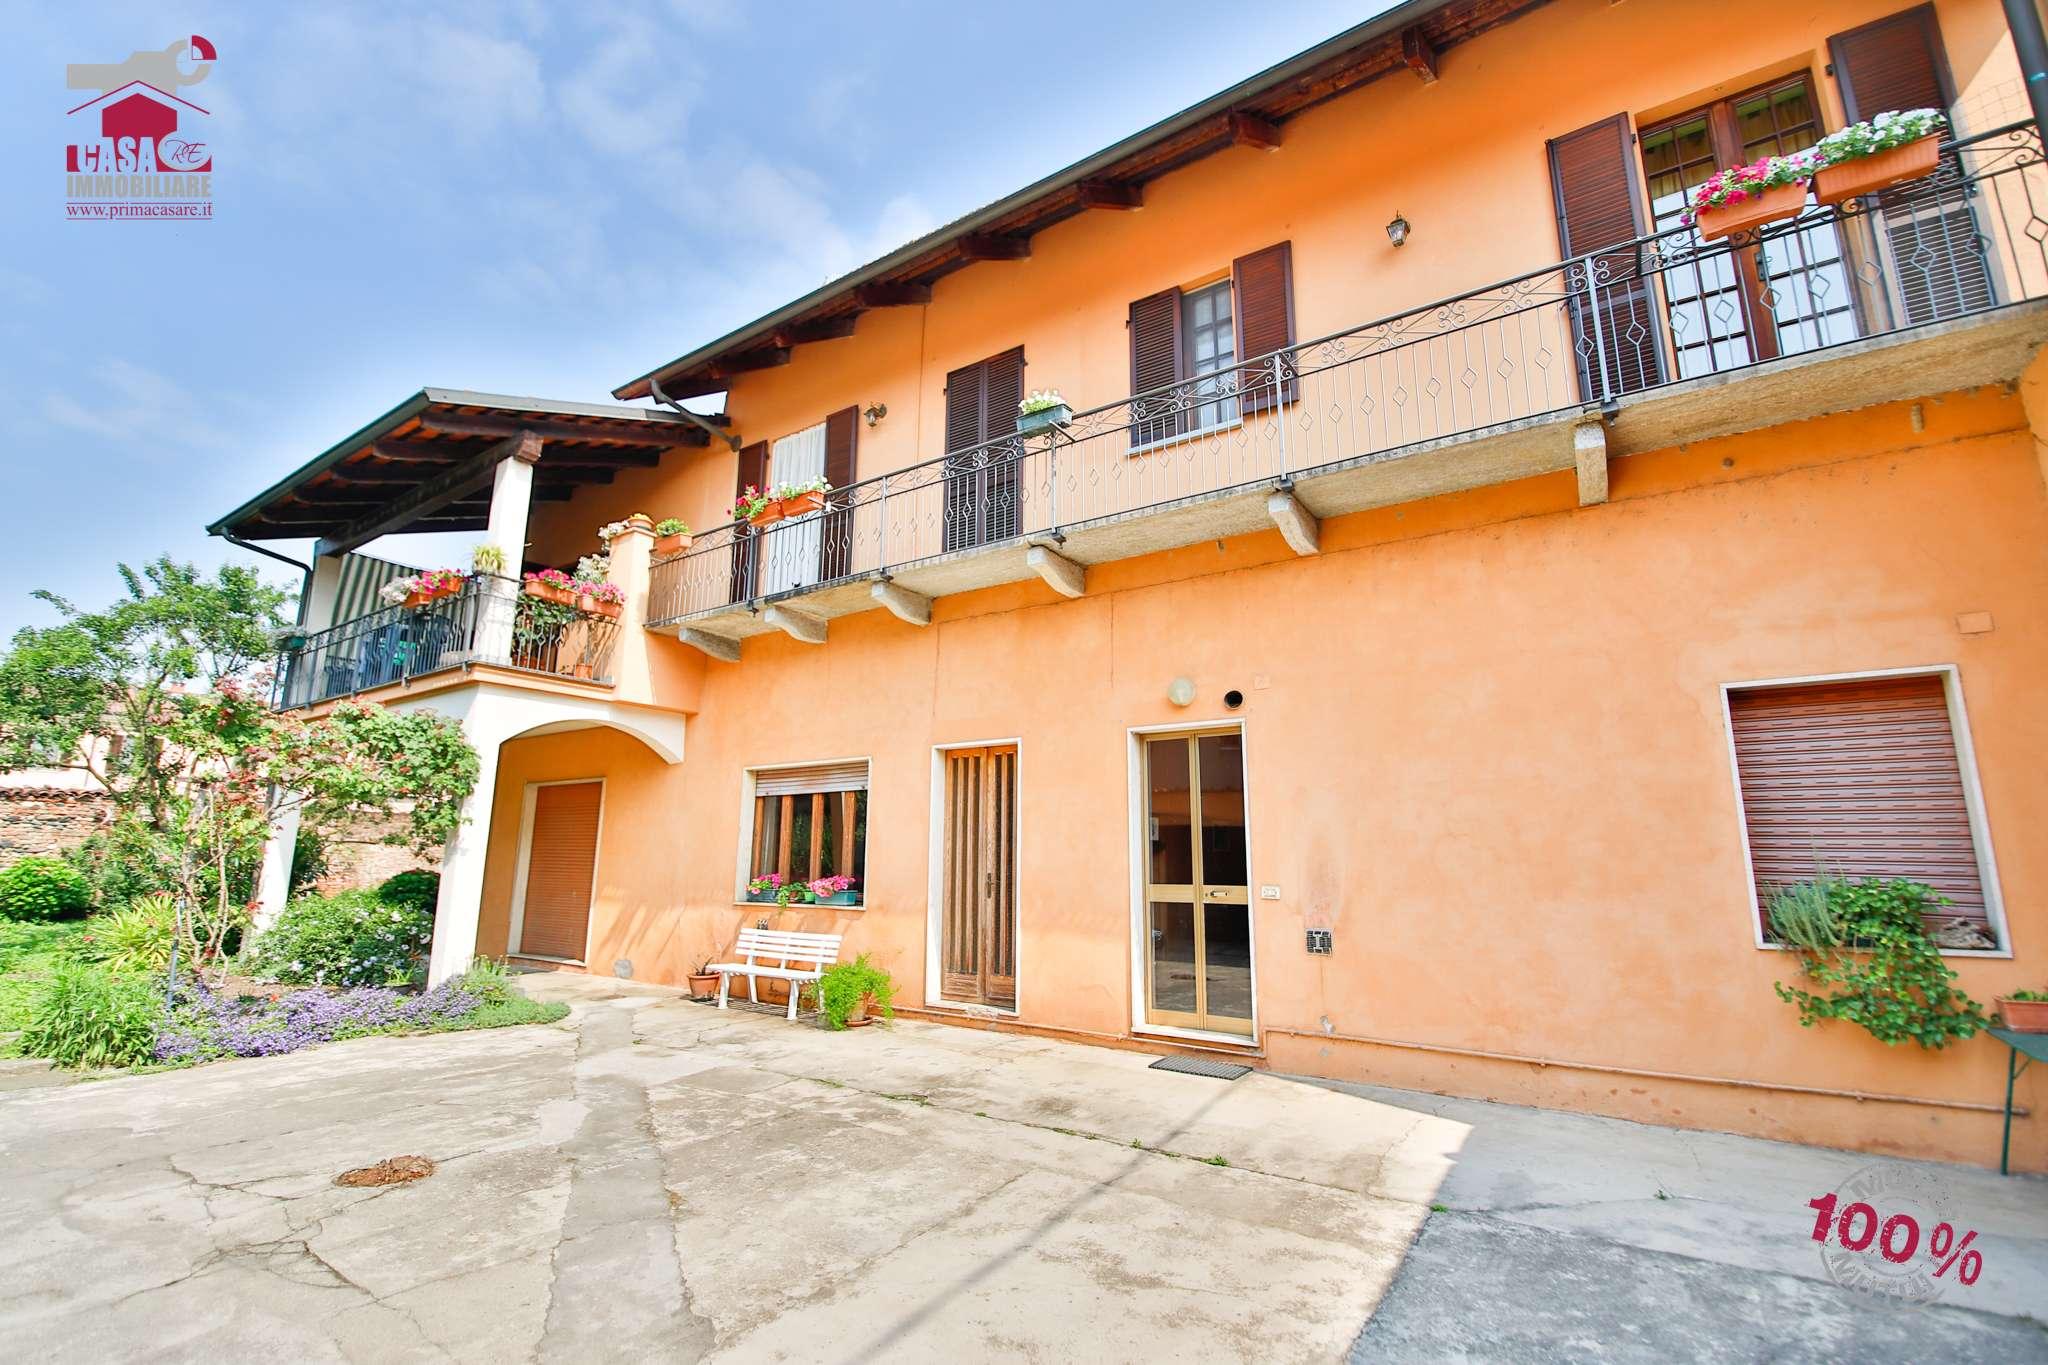 Appartamento in vendita a Verolengo, 7 locali, prezzo € 49.000 | PortaleAgenzieImmobiliari.it